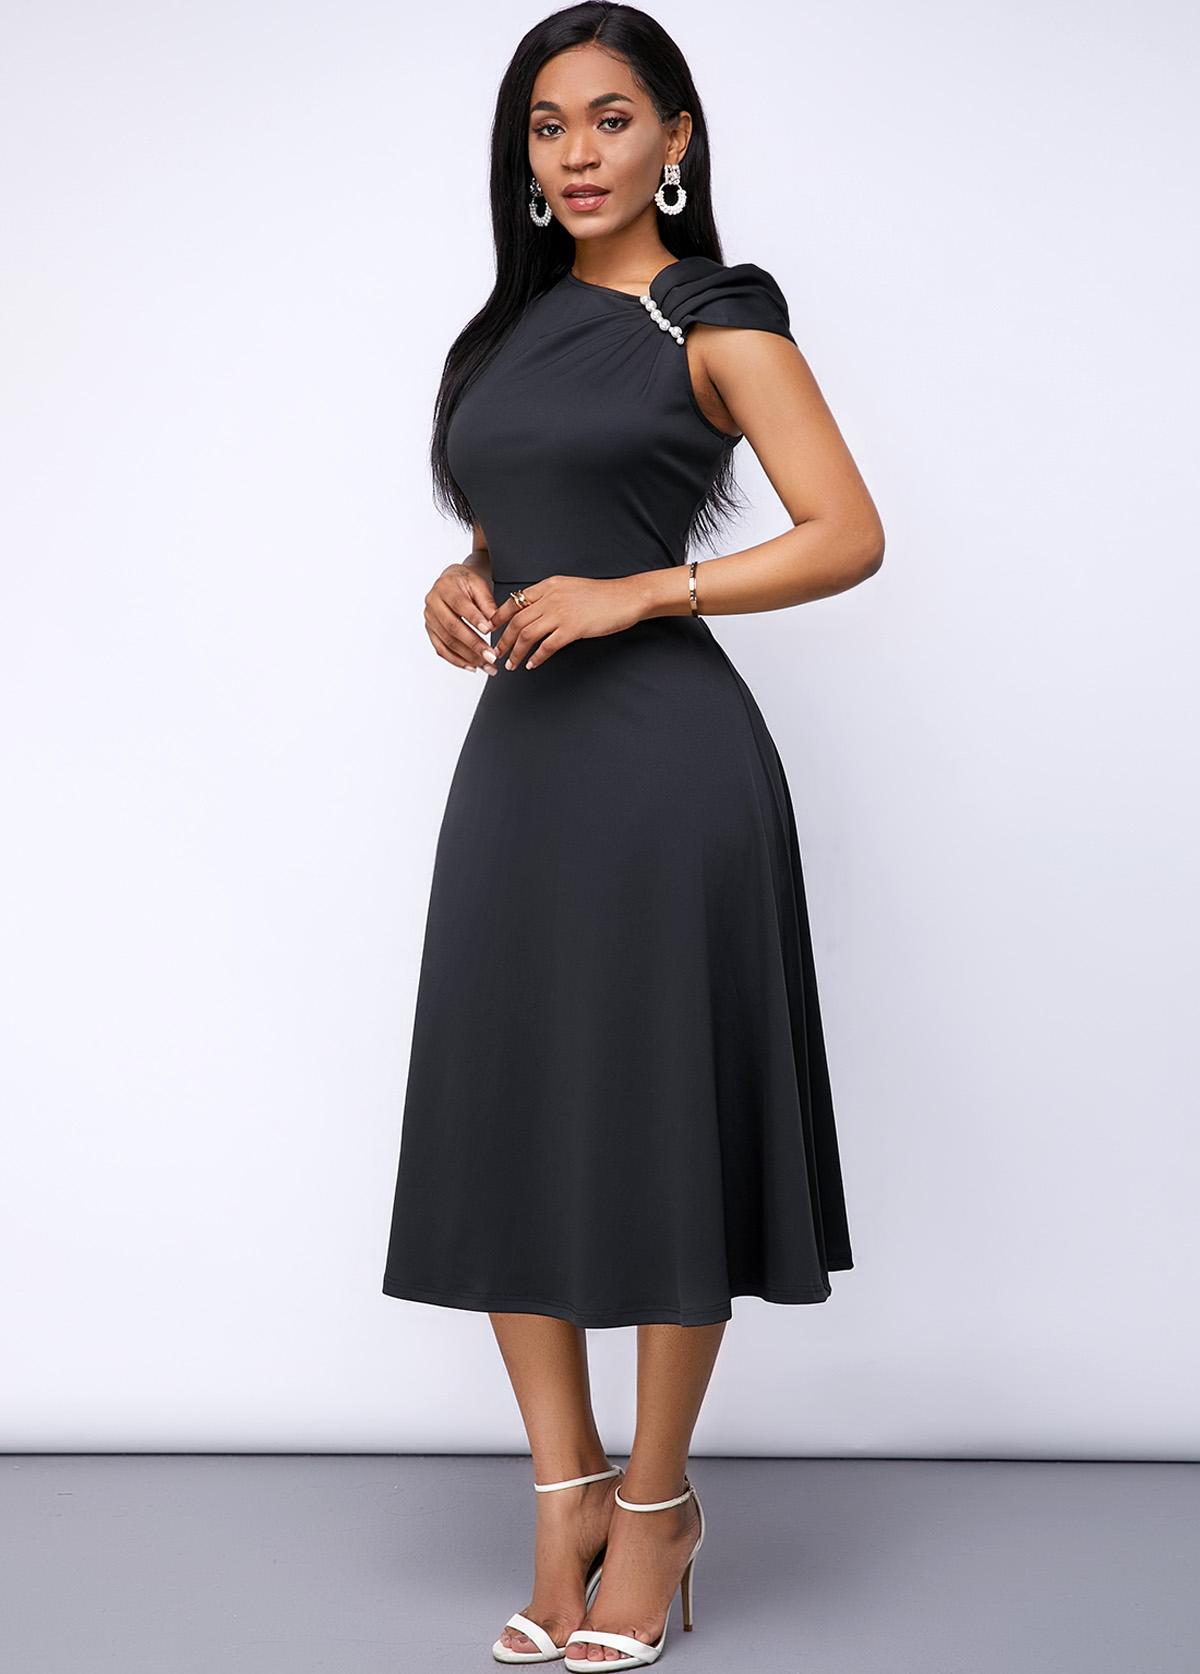 Shirred Shoulder Cap Sleeve Black Dress